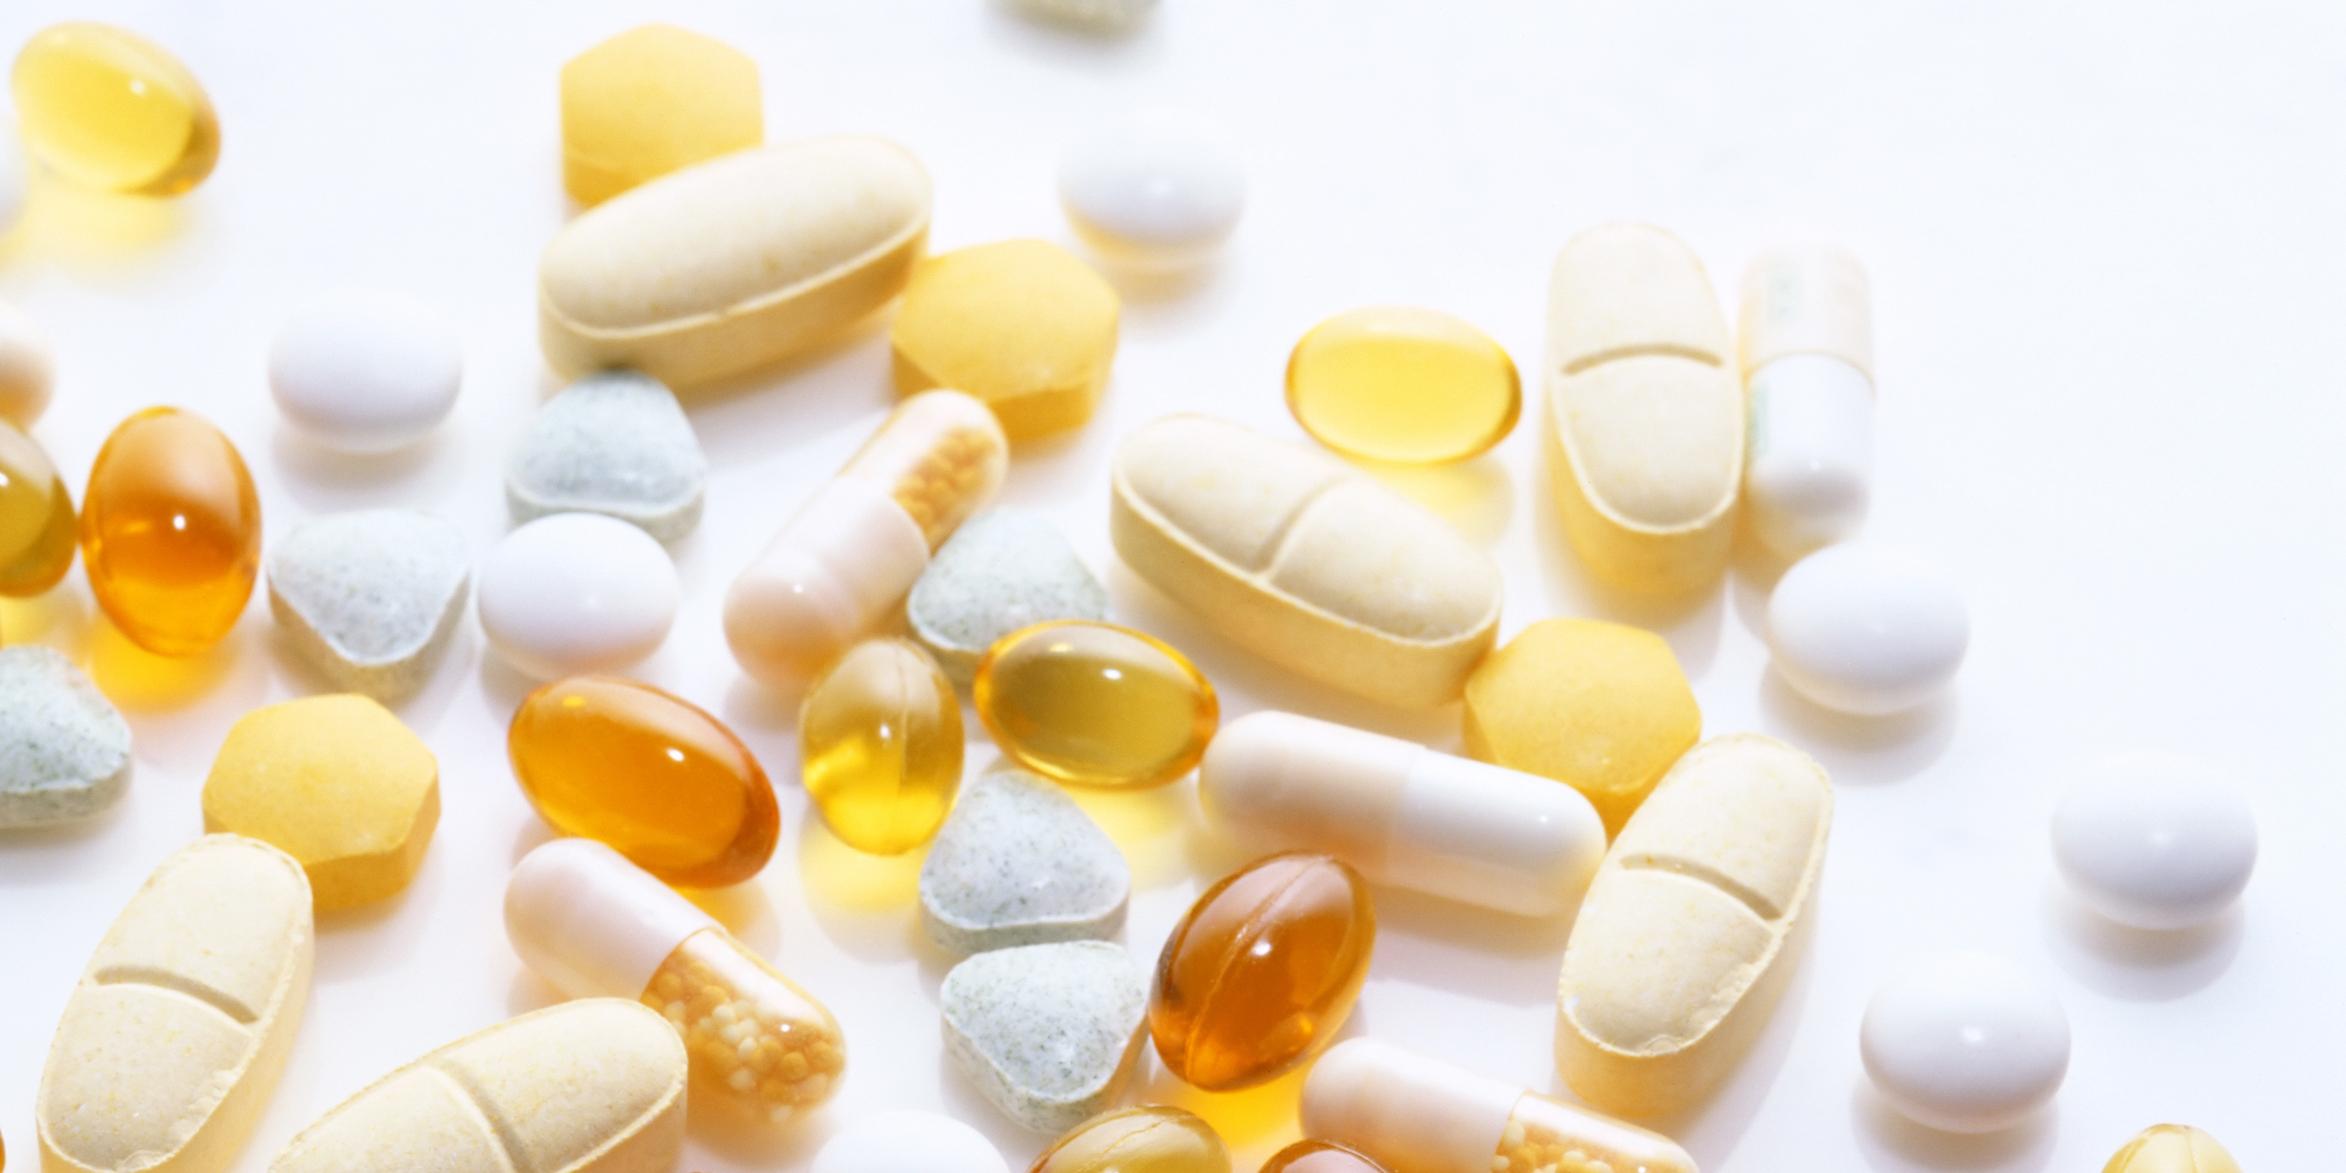 個人輸入代行サイトランキング | ピル 豊胸 バストアップサプリ 禁煙サプリ ヒアルロン酸の個人輸入サイトランキングなら LSM